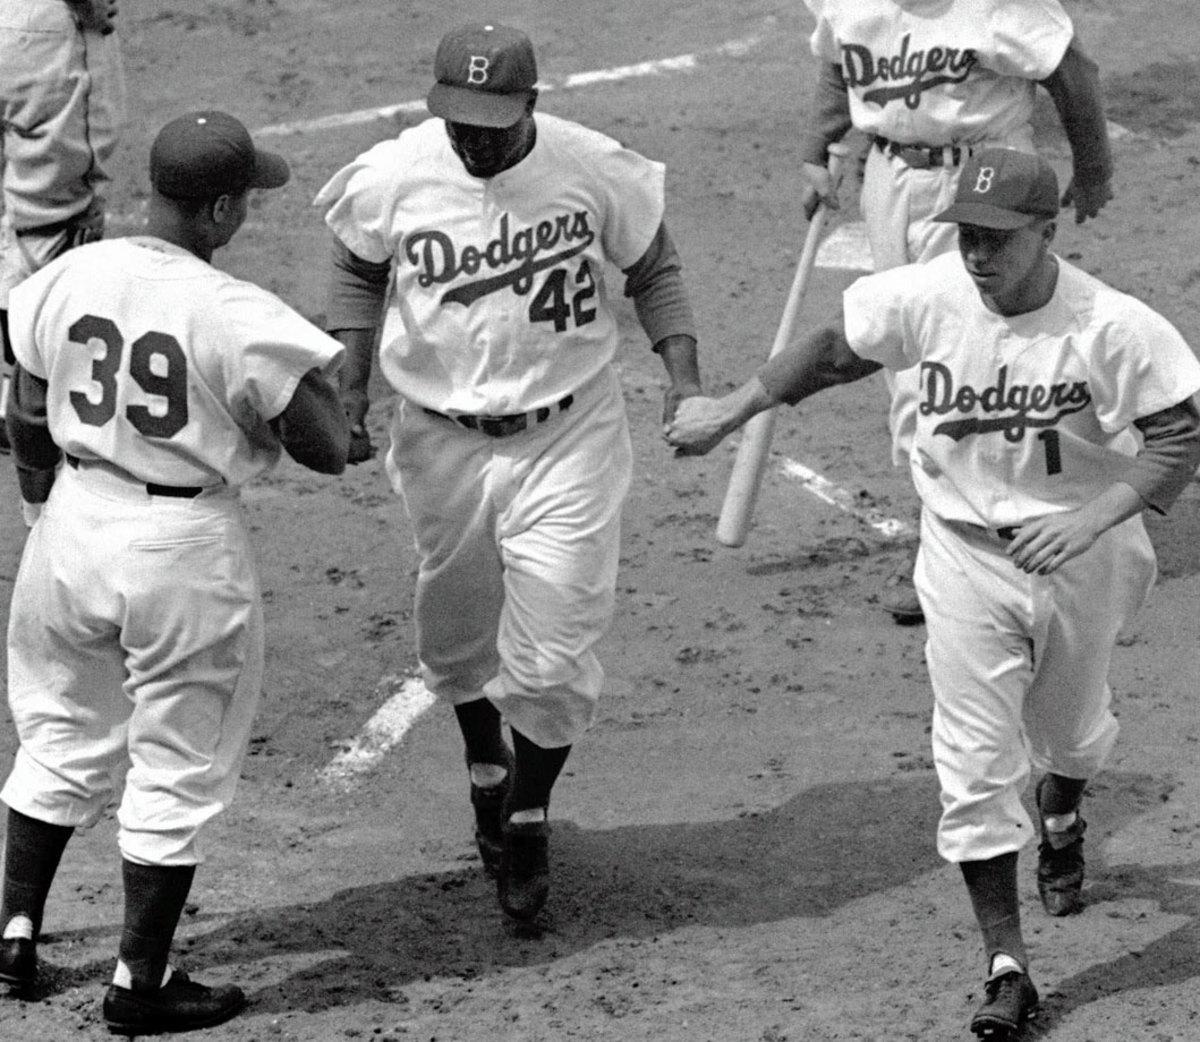 1954-Jackie-Robinson-Roy-Campanella-Pee-Wee-Reese.jpg